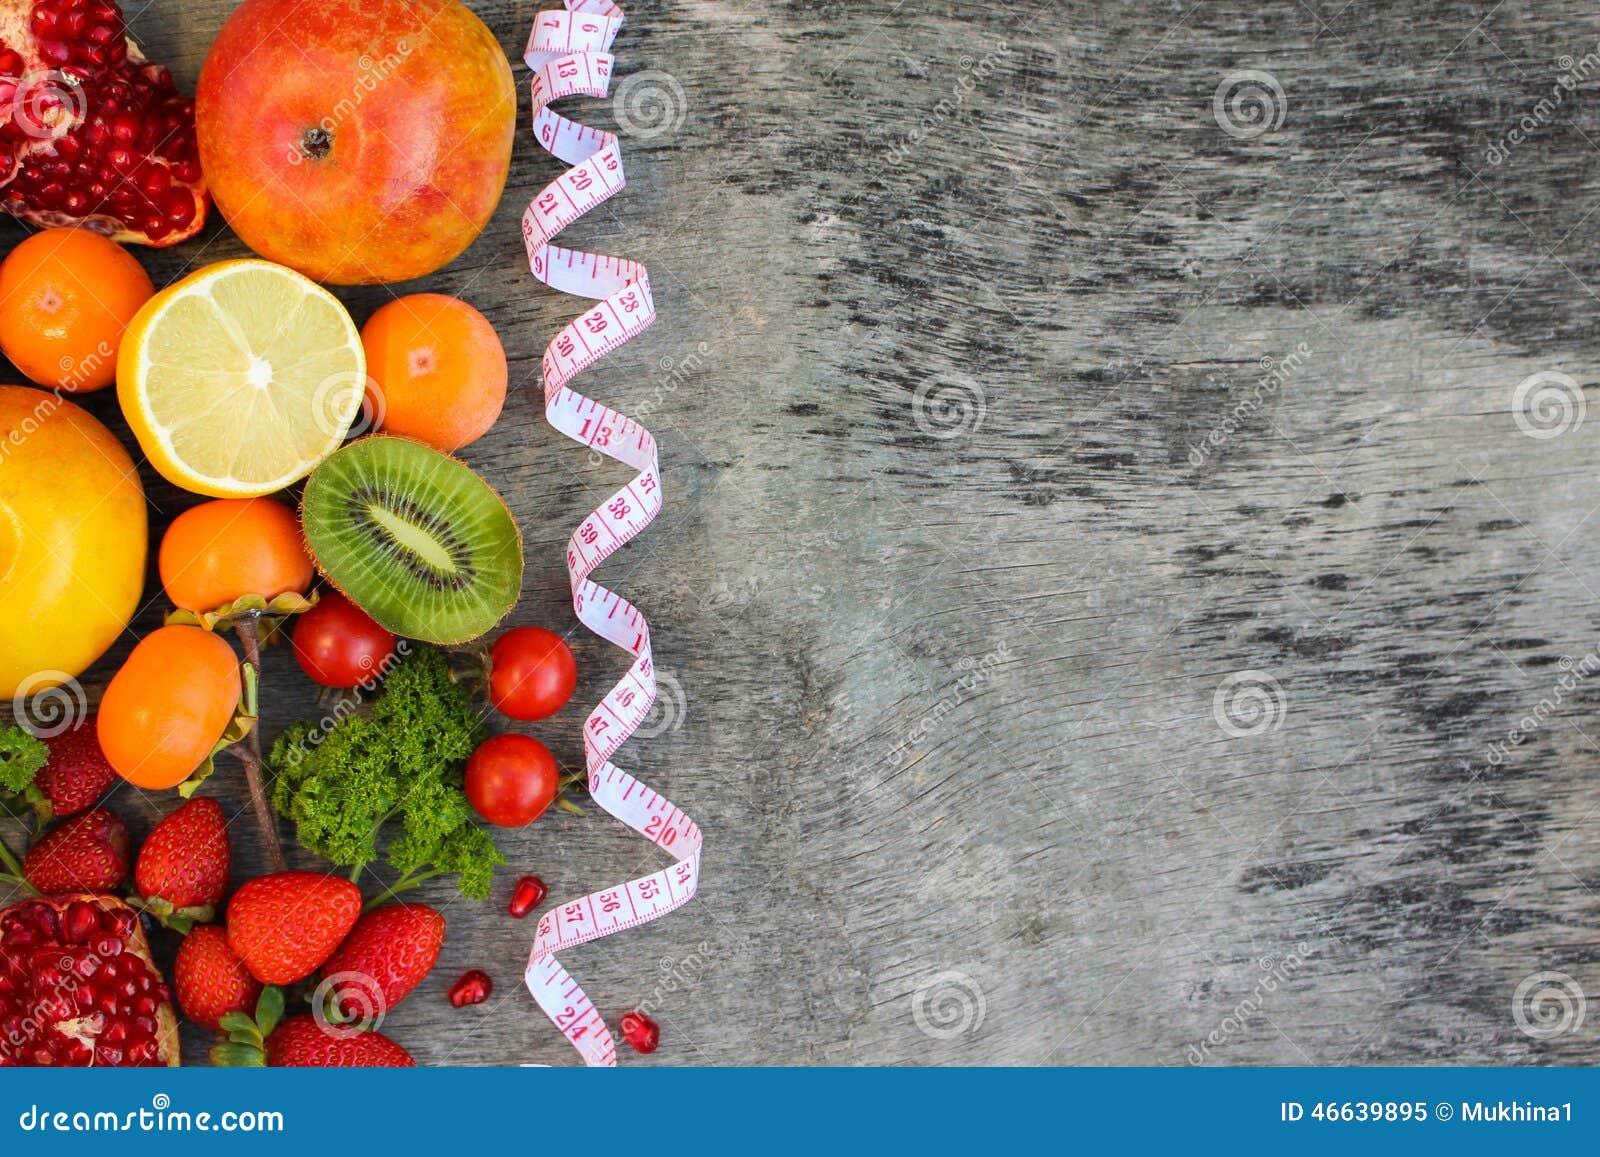 Diet Mukhina 72